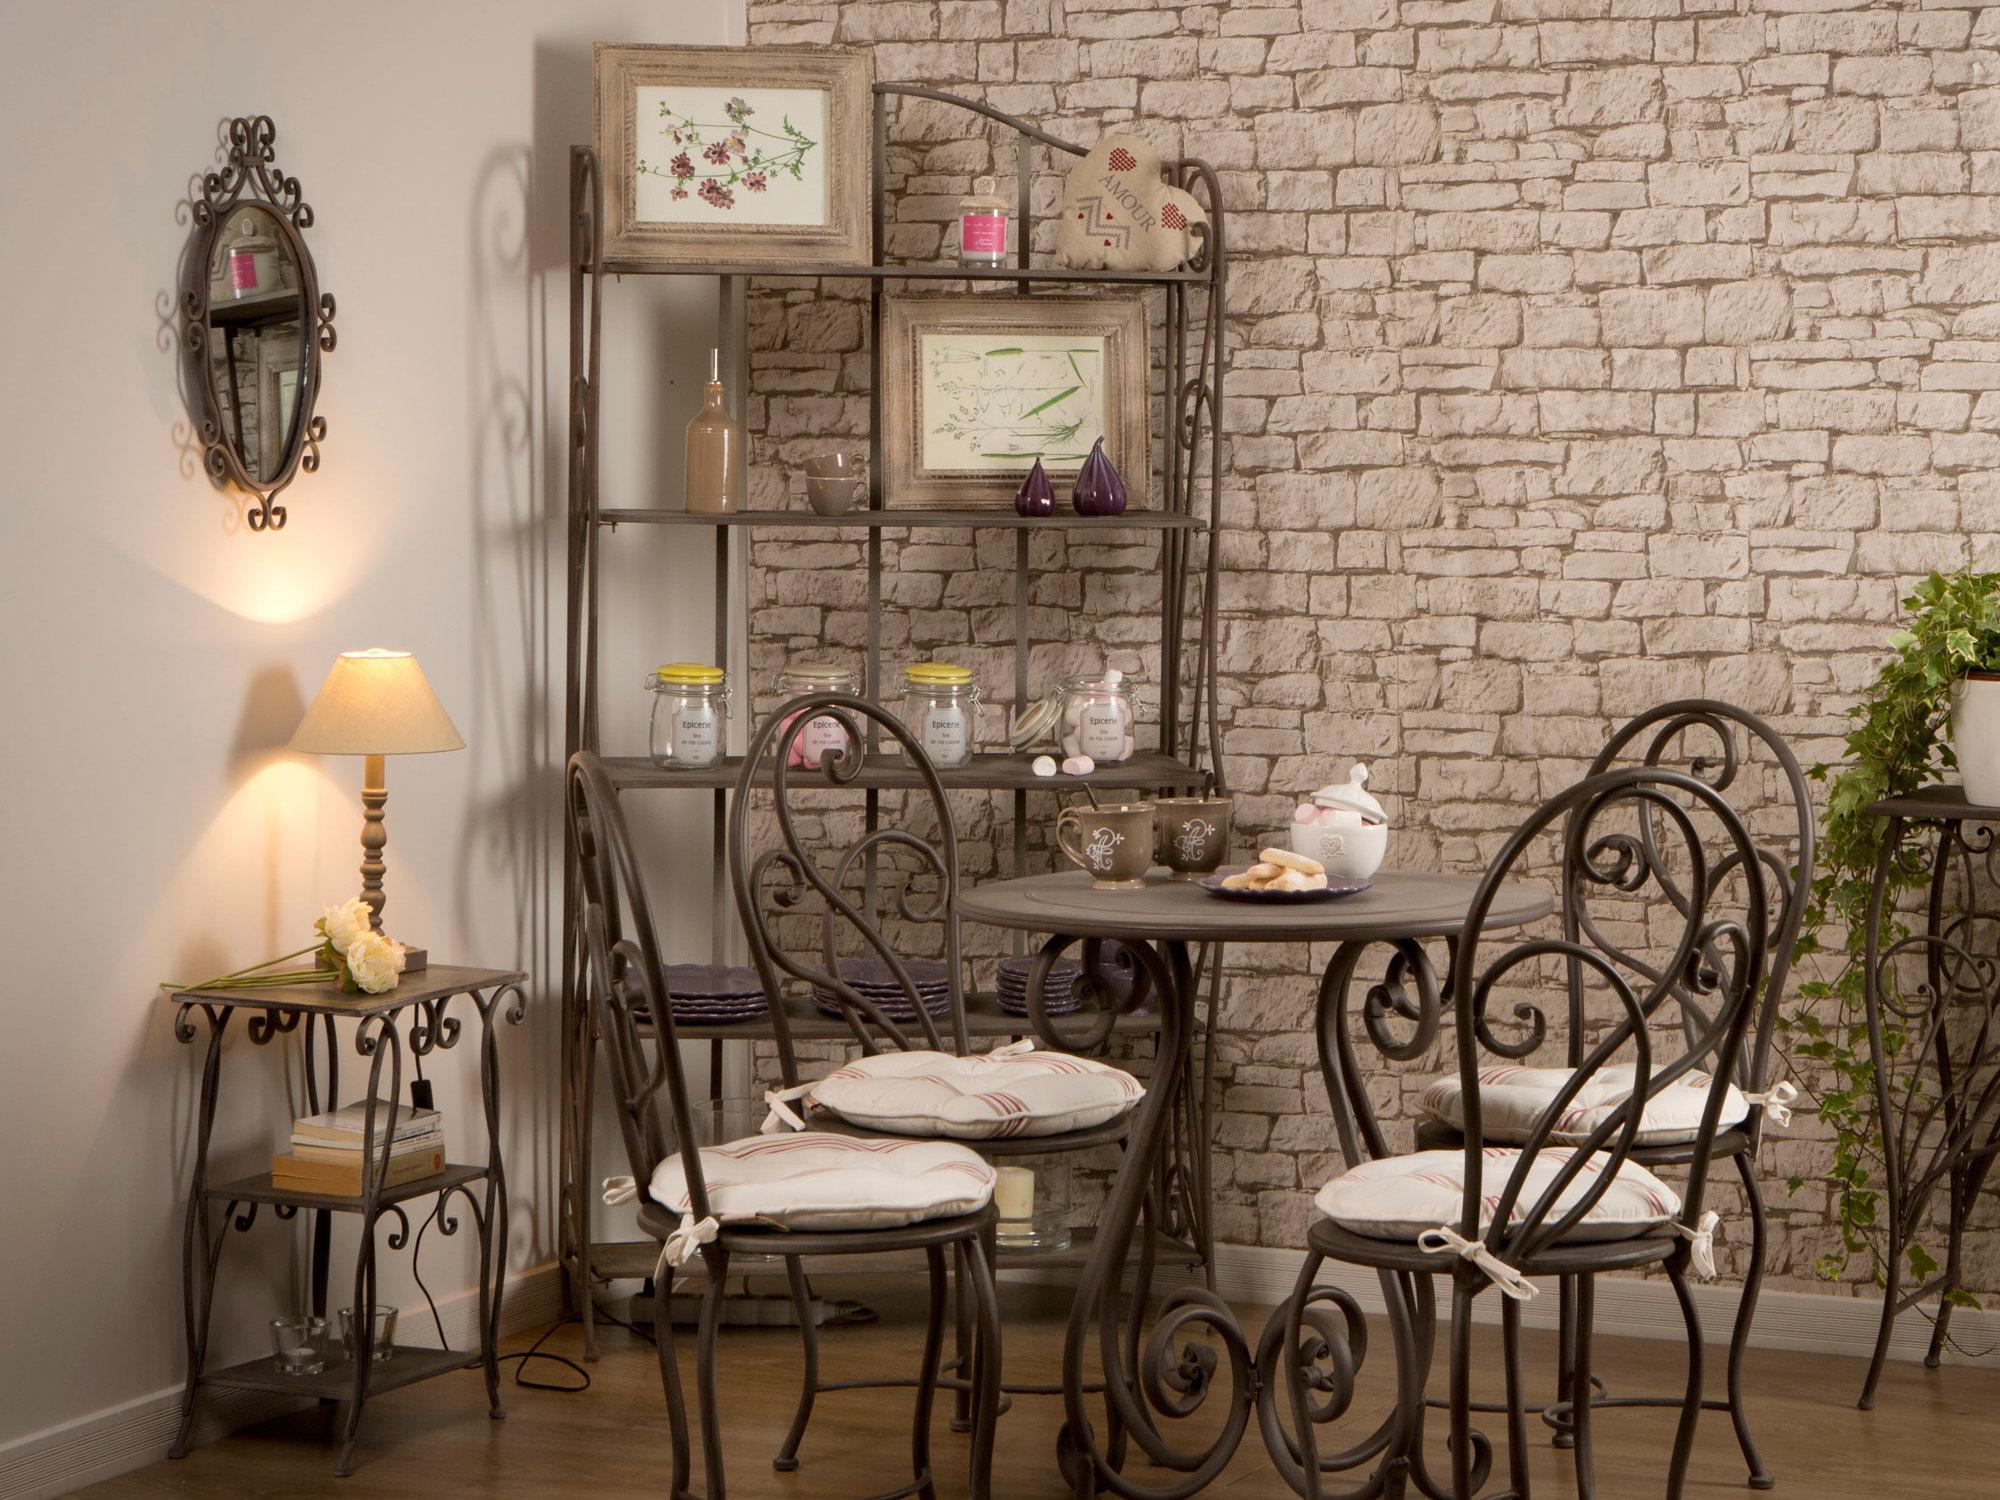 étagères De Cuisine En Fer Forgé - Salon.maisonn19.com